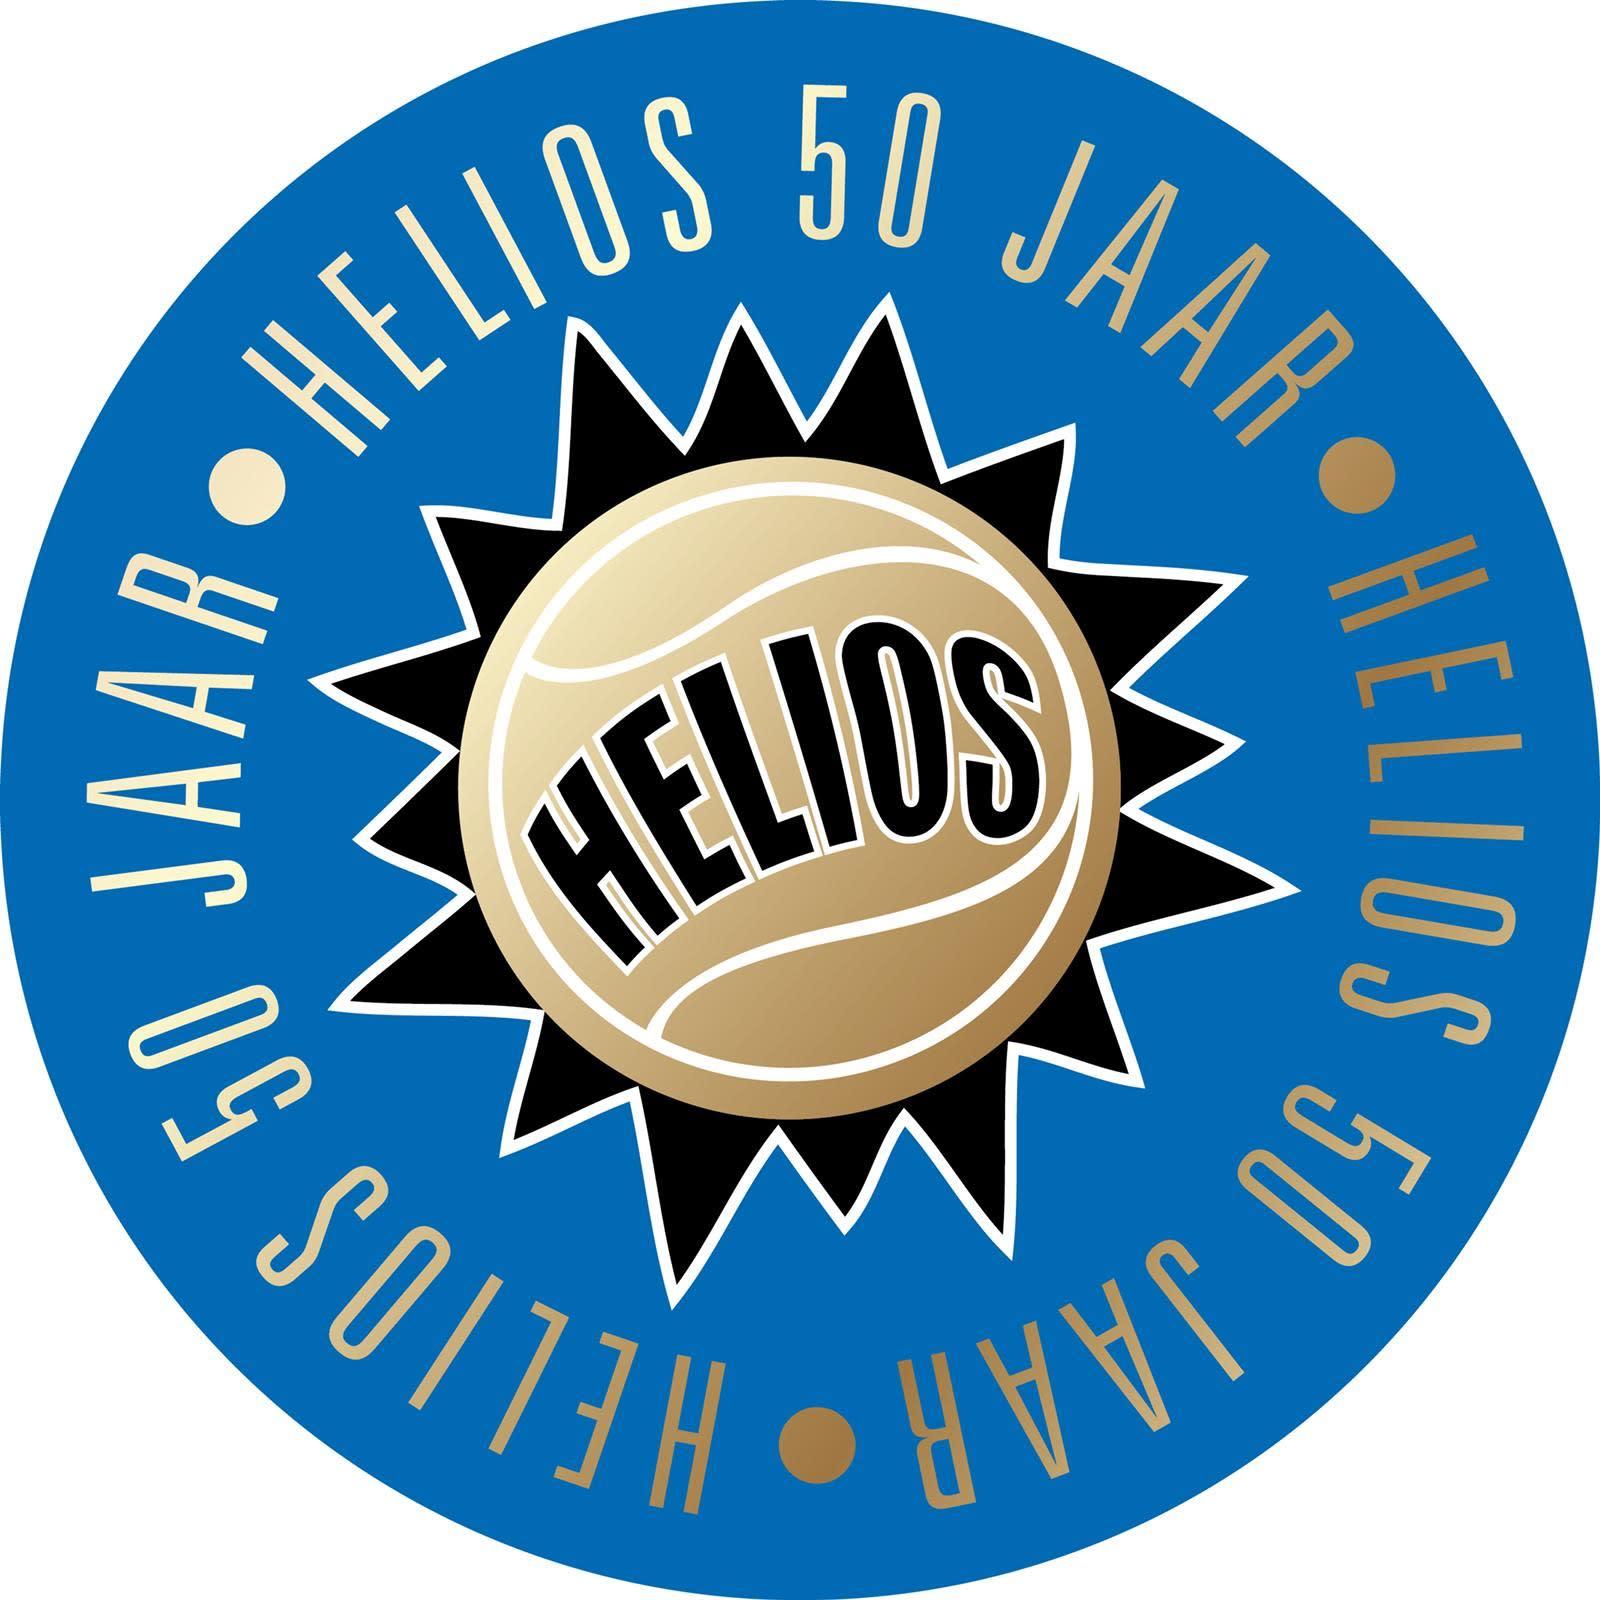 T.V. Helios Centrum